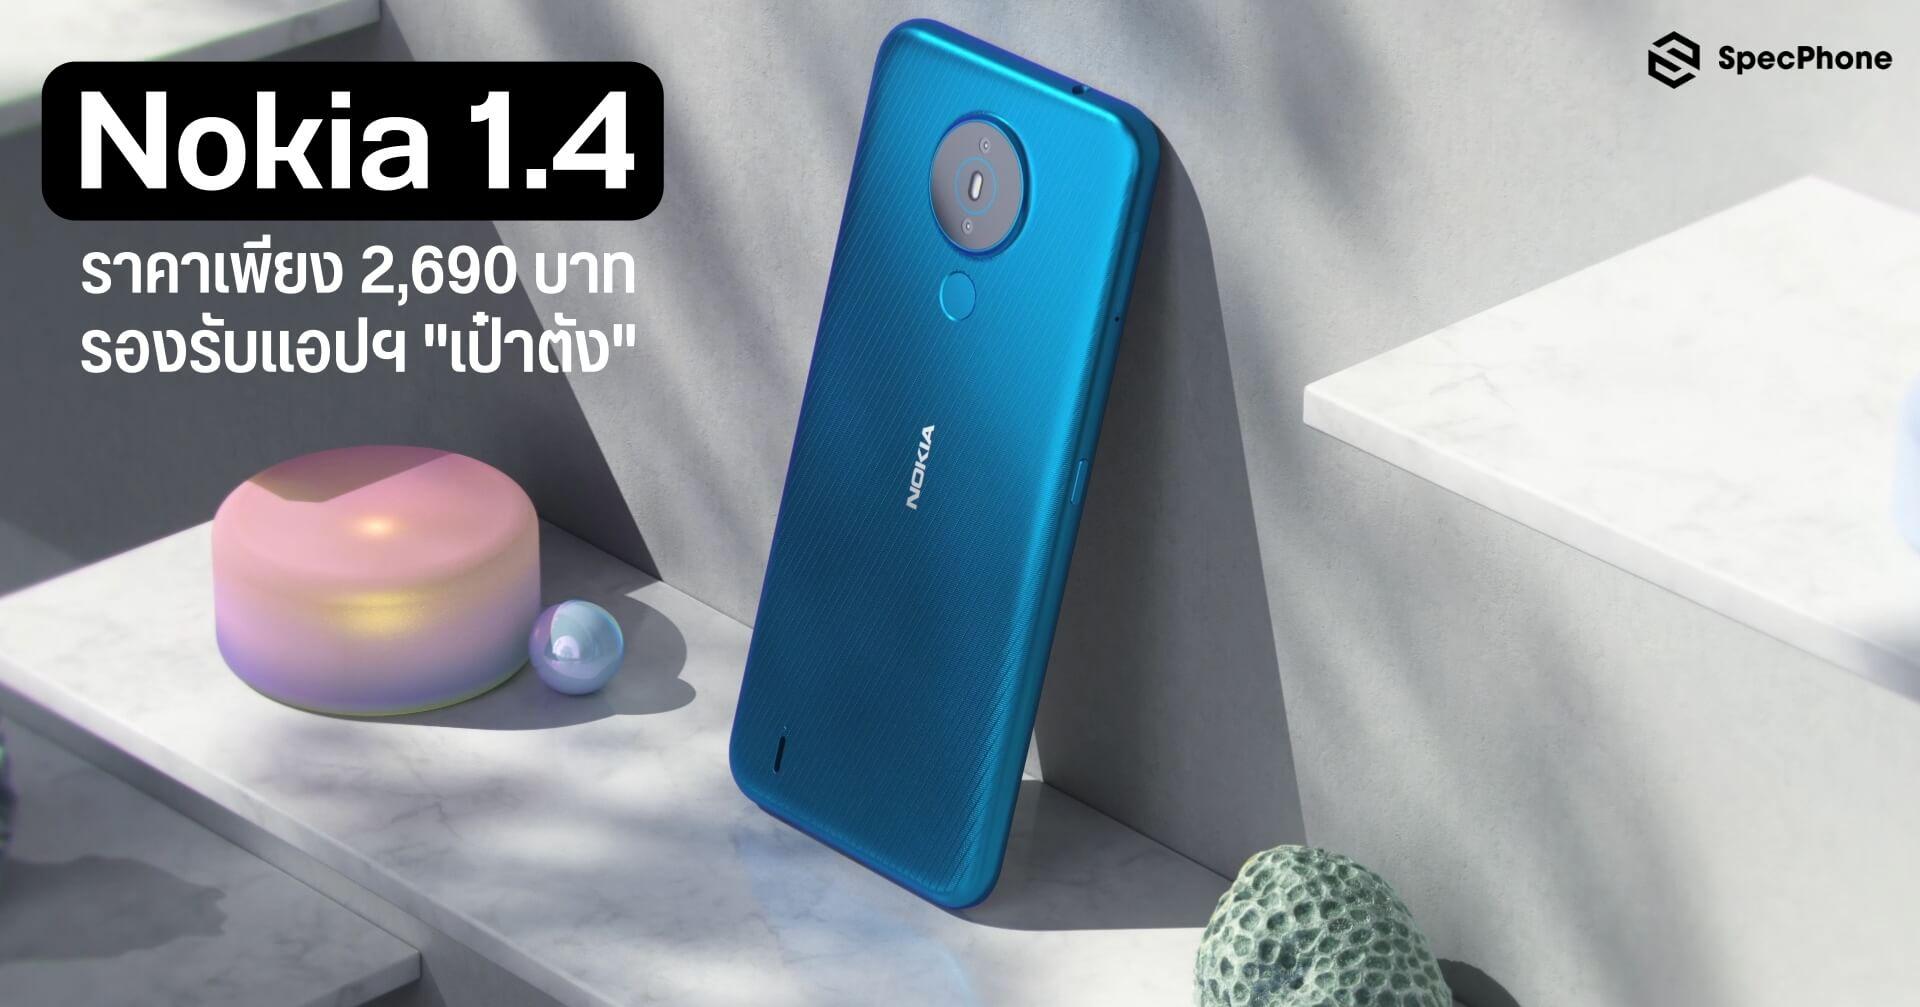 """Nokia เปิดตัว Nokia 1.4 ราคาเพียง 2,690 บาท รองรับแอปฯ """"เป๋าตัง"""" เจาะตลาดแมส-ครอบครัว ทุกเจนเนอร์เรชั่น"""